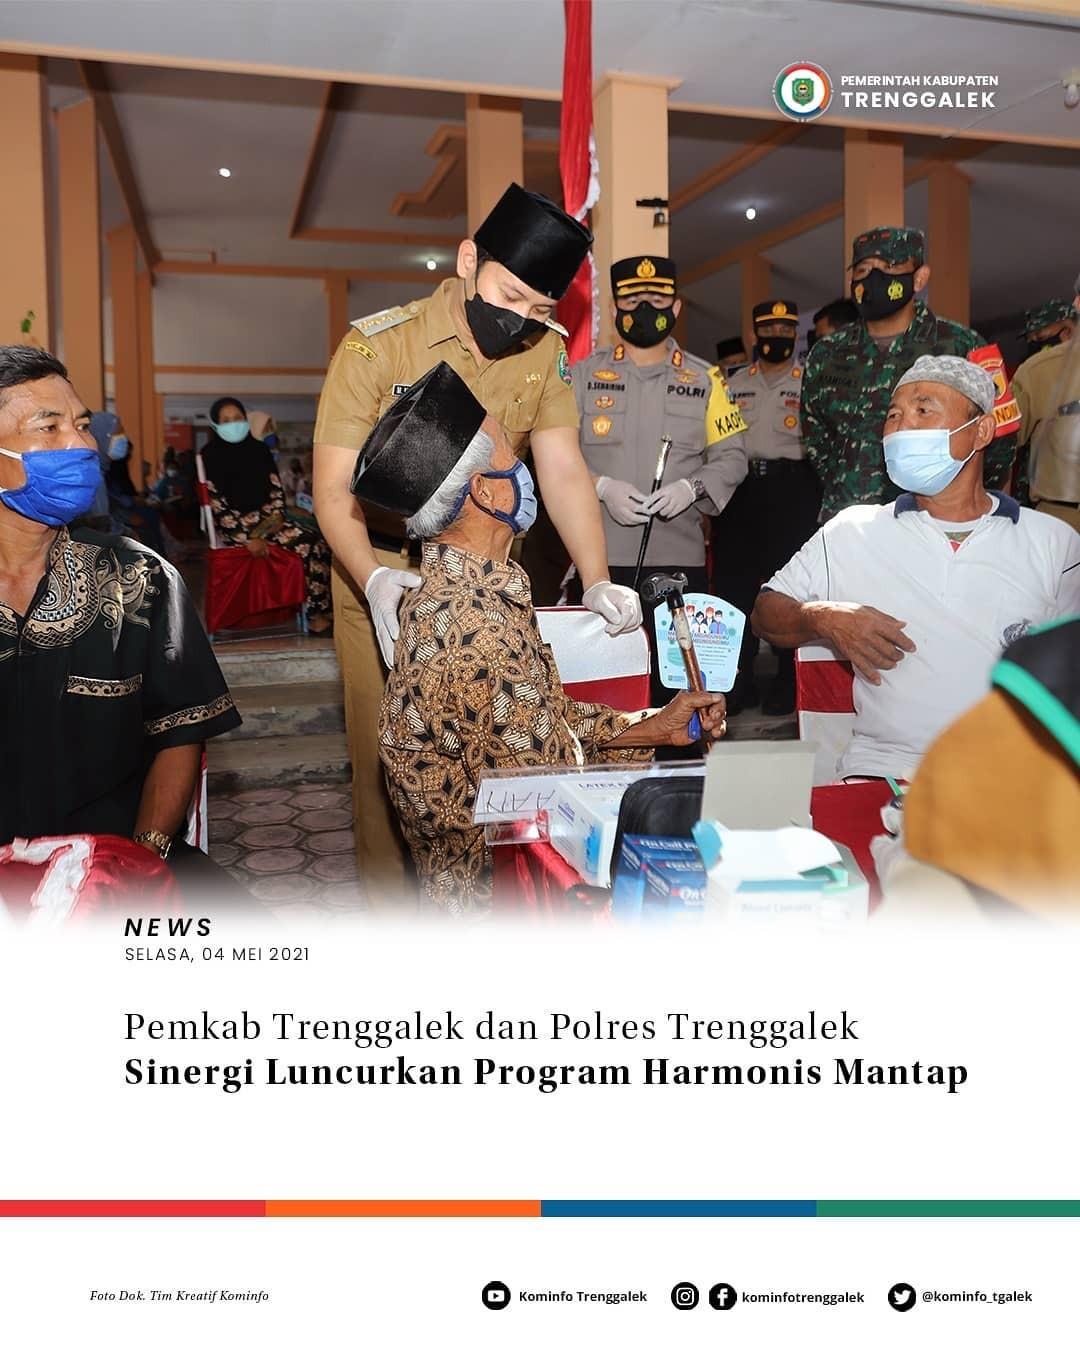 Pemkab Trenggalek dan Polres Trenggalek Sinergi Luncurkan Program Harmonis Mantap